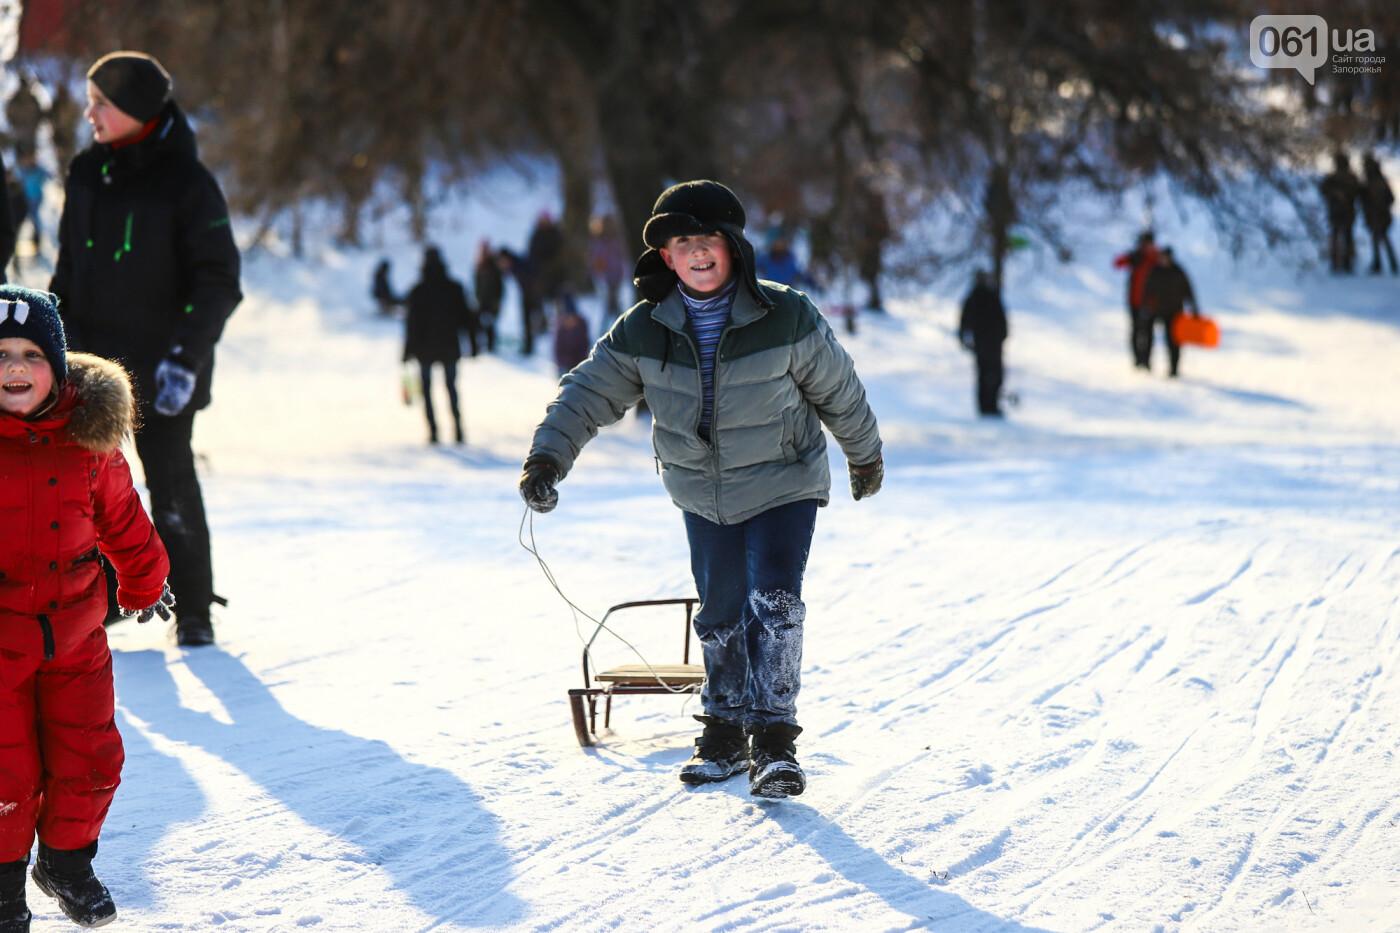 На санках, лыжах и сноуборде: запорожцы устроили массовое катание с горок в Вознесеновском парке, - ФОТОРЕПОРТАЖ, фото-75